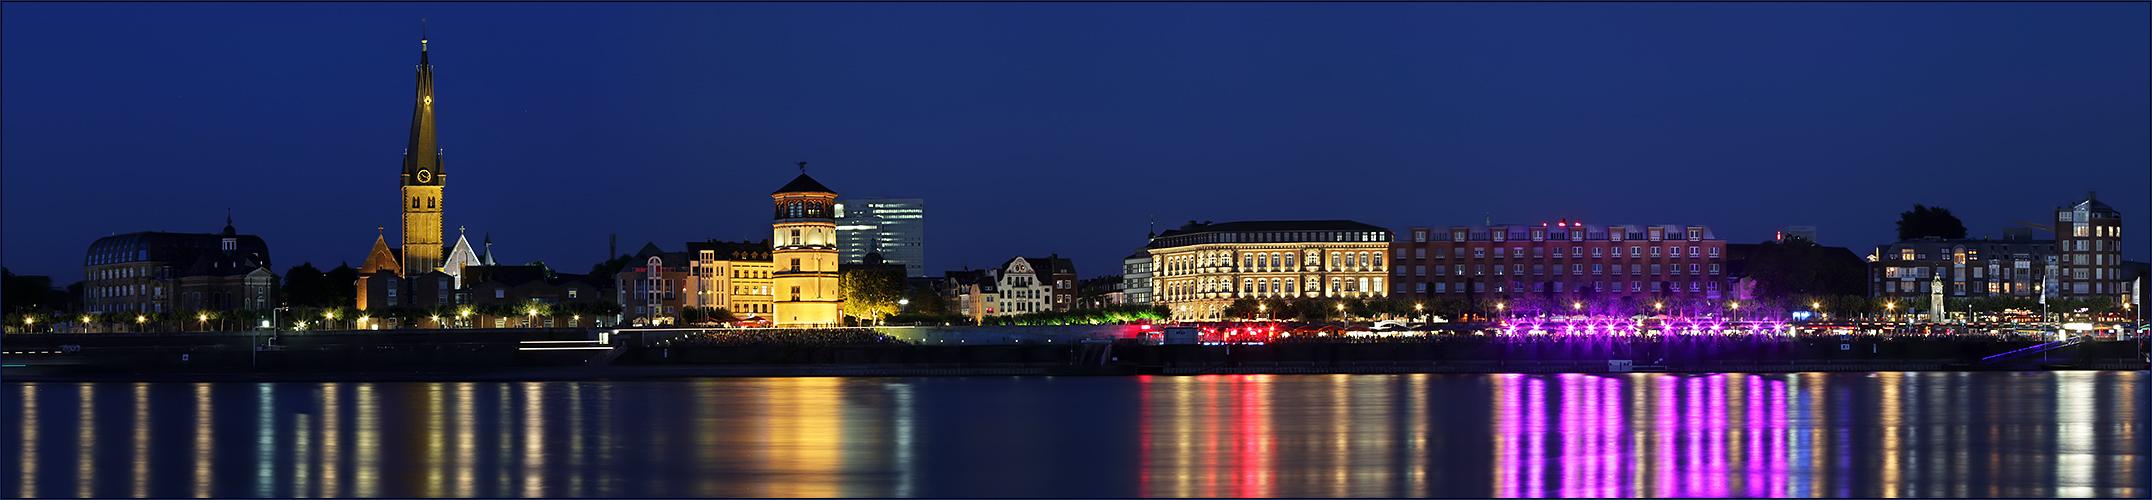 Düsseldorf bei Nacht...